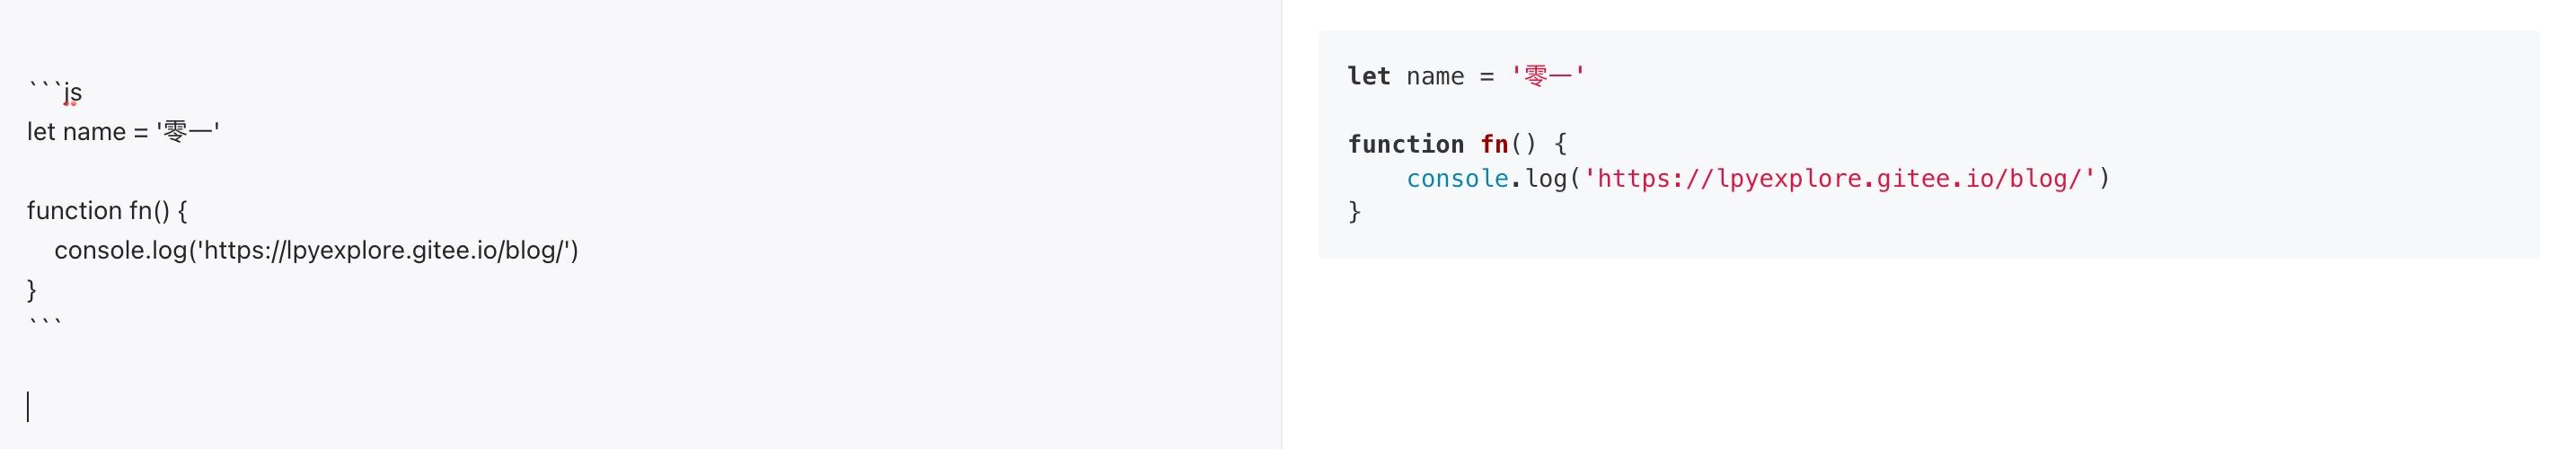 Code highlighting renderings